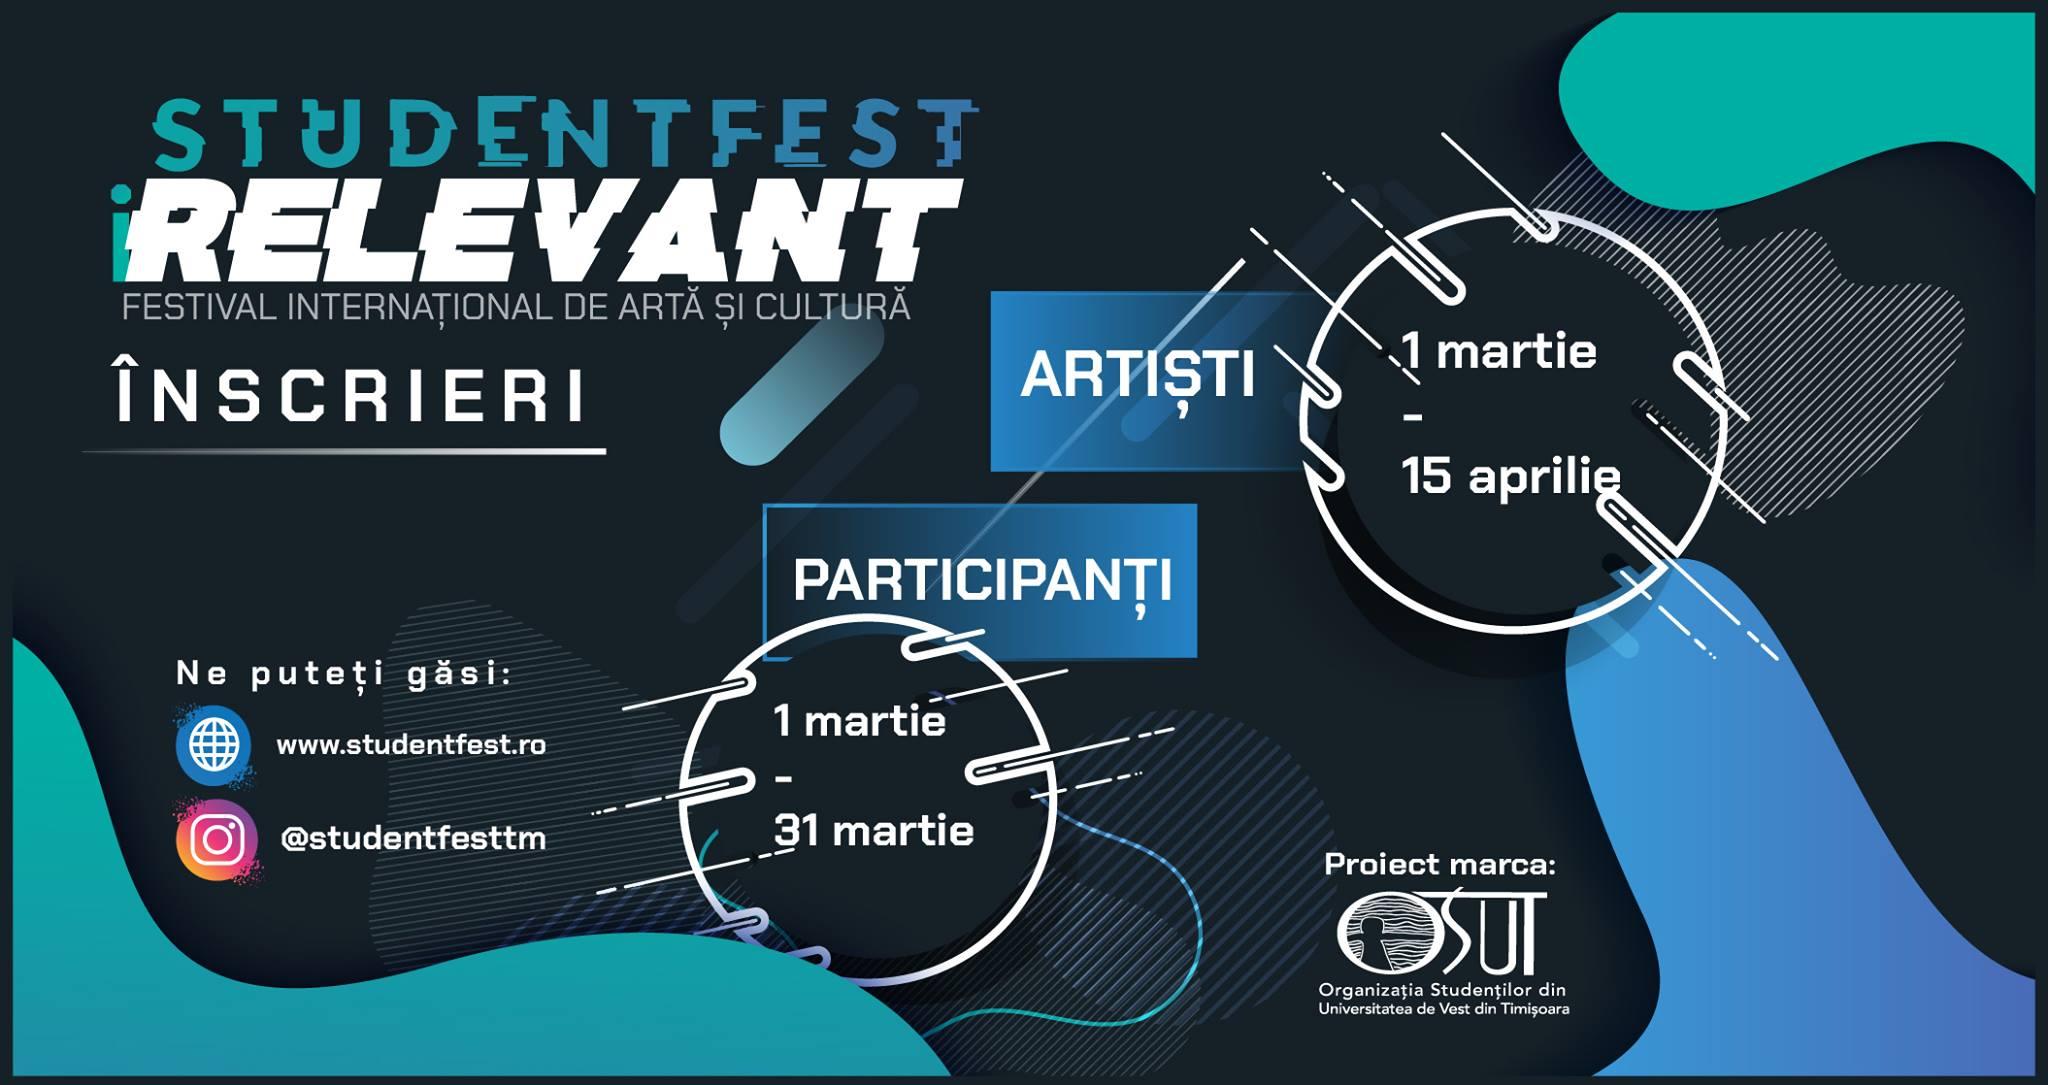 StudentFest iRELEVANT // 2019